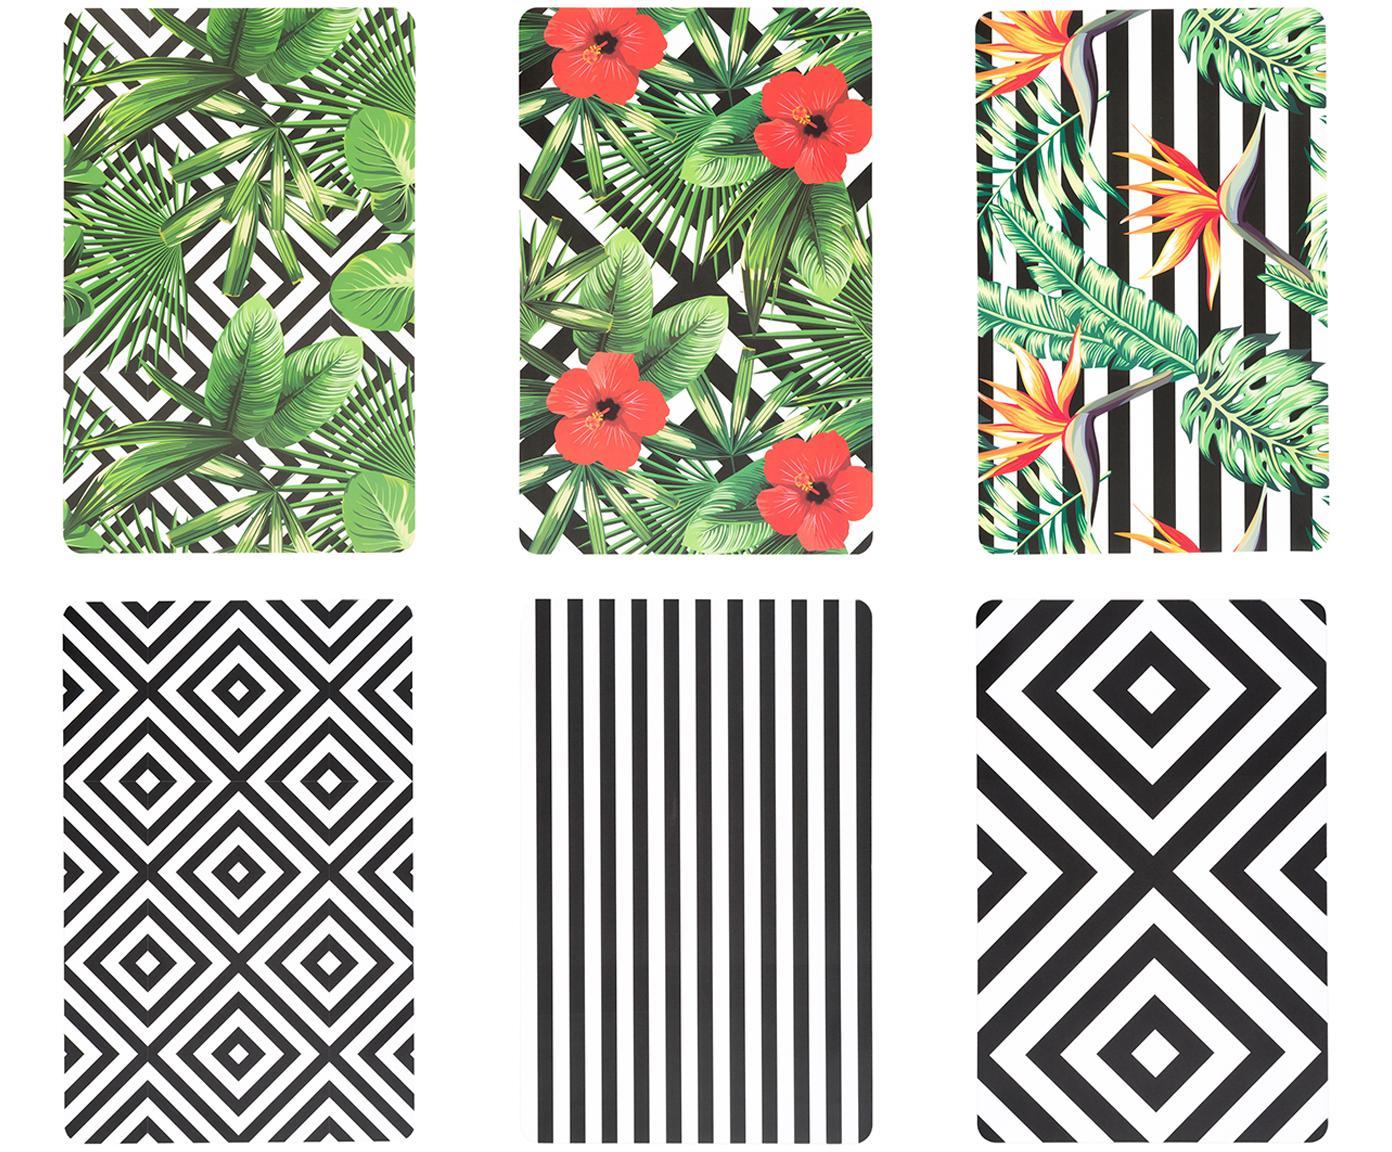 Kunststoff-Tischsets Tropicana, 6er Set, Kunststoff, Schwarz, Weiß, Grün, Rot, Gelb, 30 x 45 cm